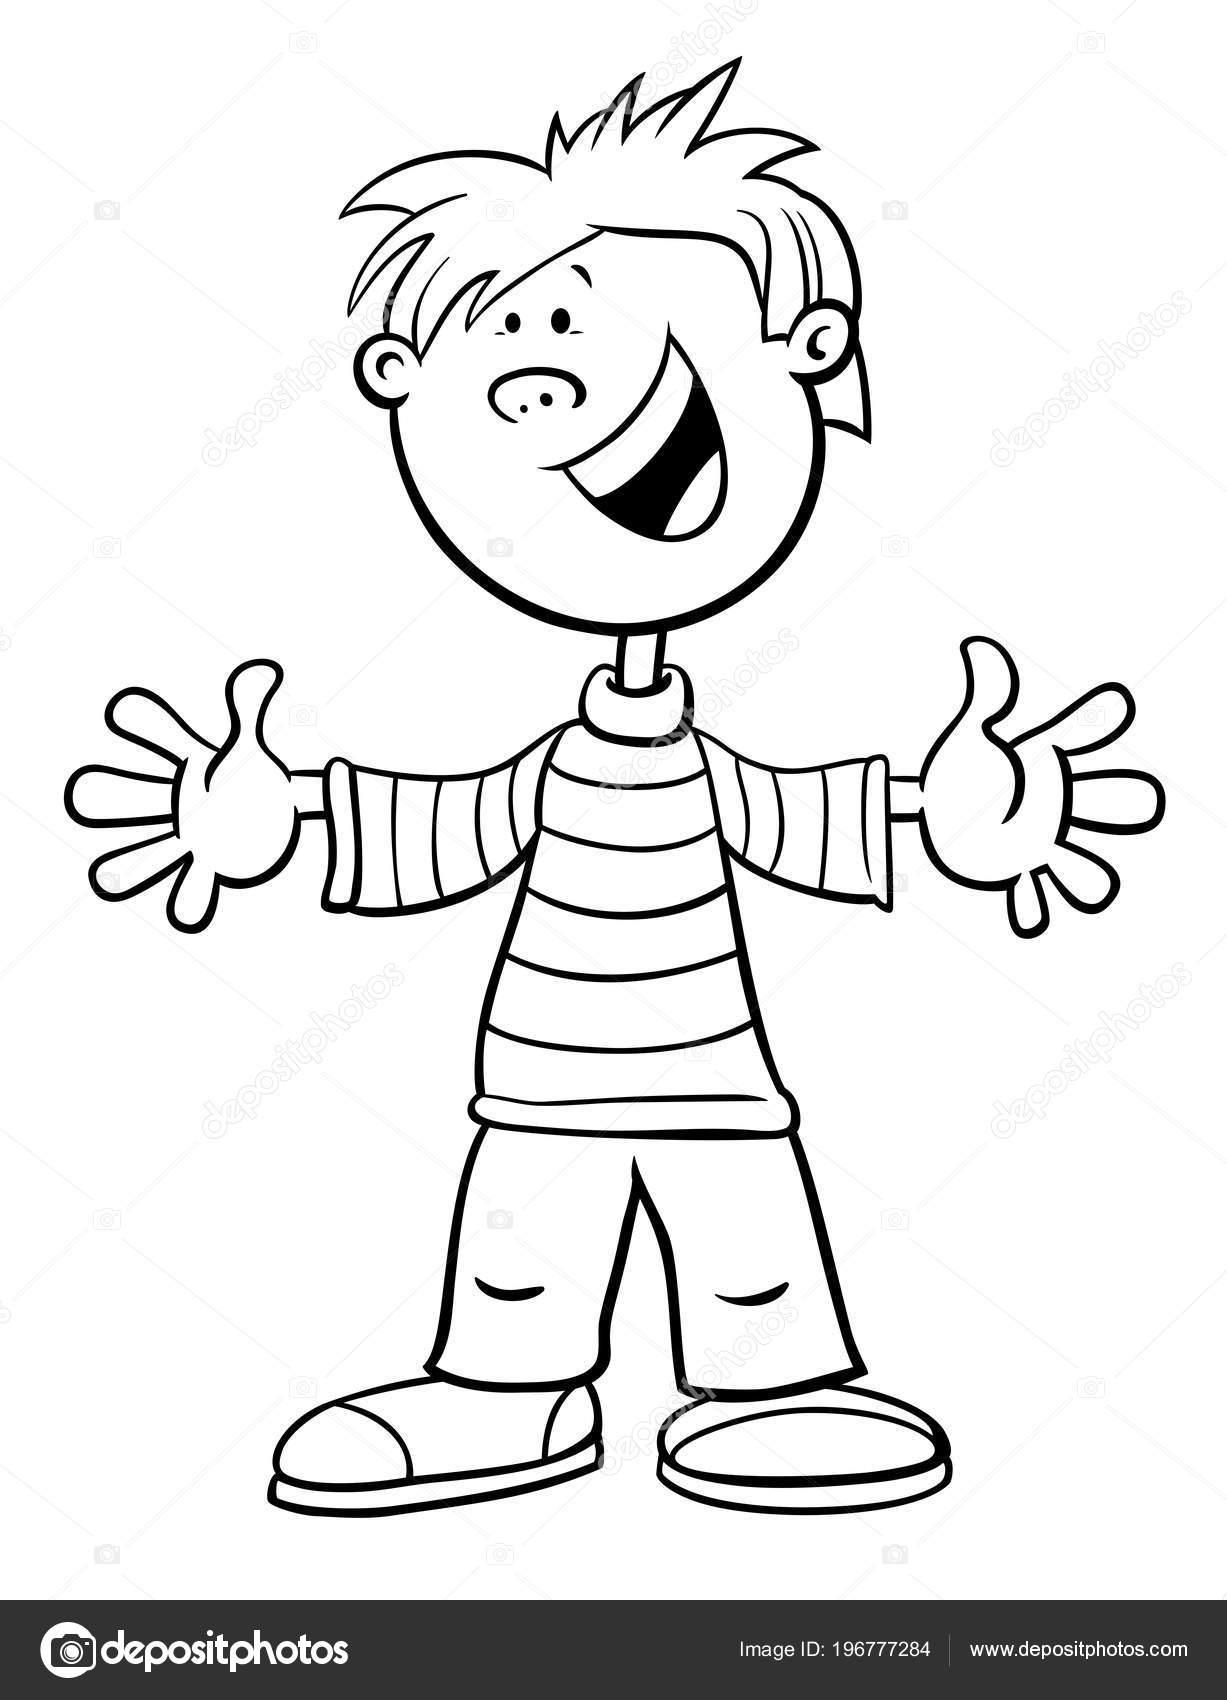 Ilustración Dibujos Animados Blanco Negro Edad Escolar Primaria Niño